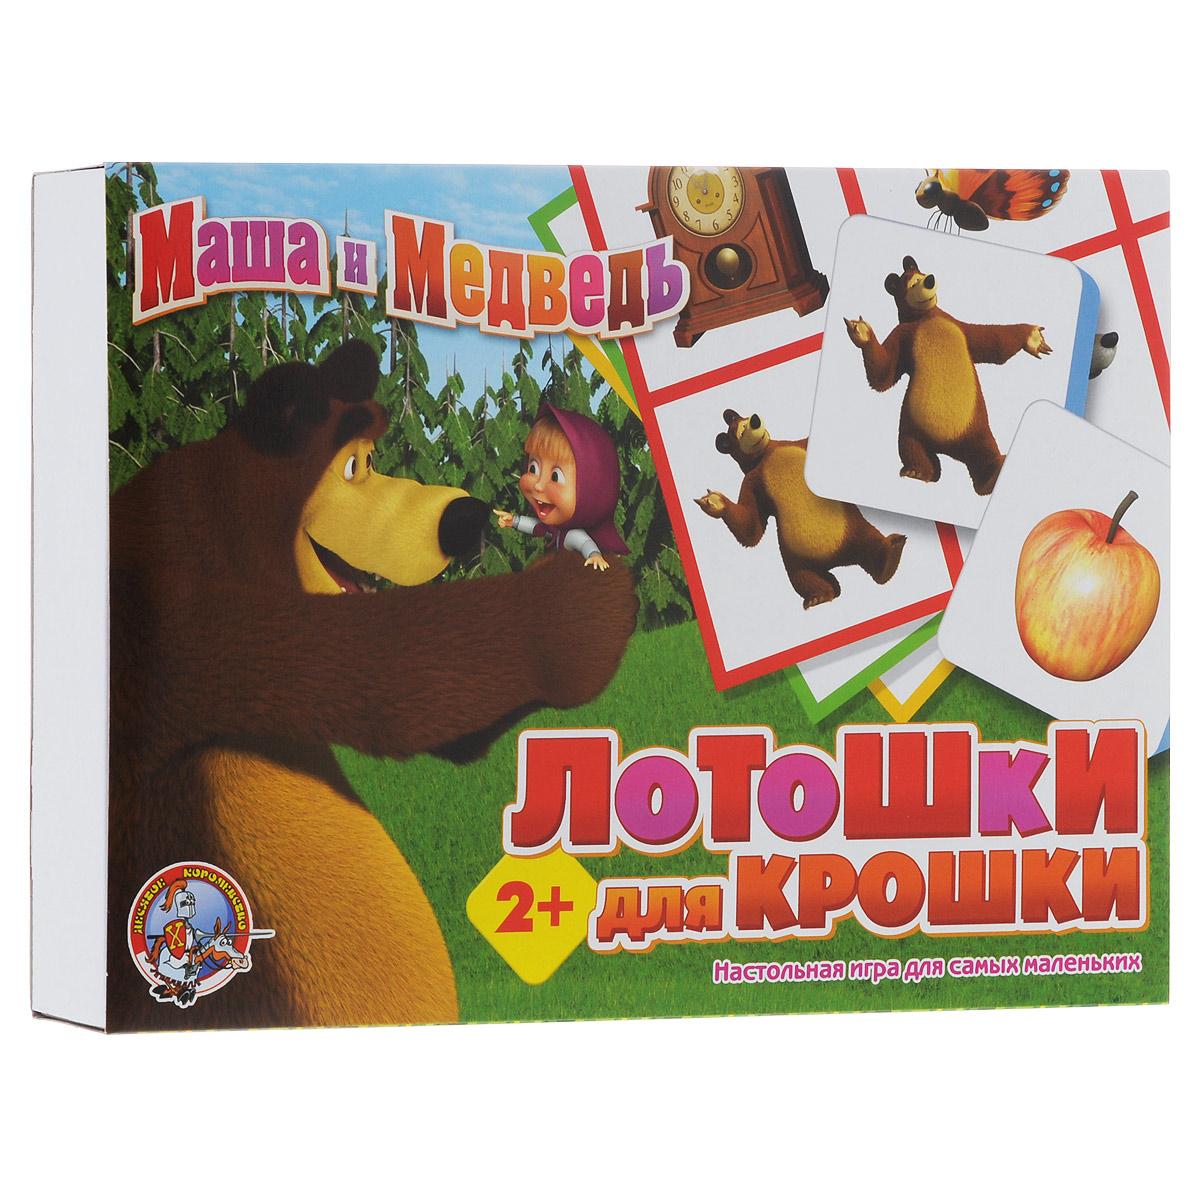 Лотошки для крошки Десятое королевство Маша и Медведь01418Лотошки для крошки Десятое королевство Маша и Медведь - настольная игра для самых маленьких. Комплект игры включает в себя 24 мягкие фишки из вспененного полимера с красочными изображениями персонажей мультсериала Маша и Медведь и другими предметами и 4 большие картонные карточки лото с соответствующими изображениями. В лото можно играть по-разному, и для каждого возраста подойдет своя игра. Малыши учатся определять и выбирать нужные изображения, закрывая ими карточки. Дети постарше стараются запомнить, а потом назвать предметы на фишках, которые переворачиваются изображением вниз. Варианты игр: Игра №1 Необходимое количество карт (одна или несколько) раскладываются перед игроками, остальные убираются. Все 24 фишки выкладываются на стол картинками вниз. Ведущий по очереди переворачивает фишки, показывает их игрокам и громко называет. Игрок, нашедший на своем поле такую же картинку, громко говорит об этом и получает фишку, которой накрывает...